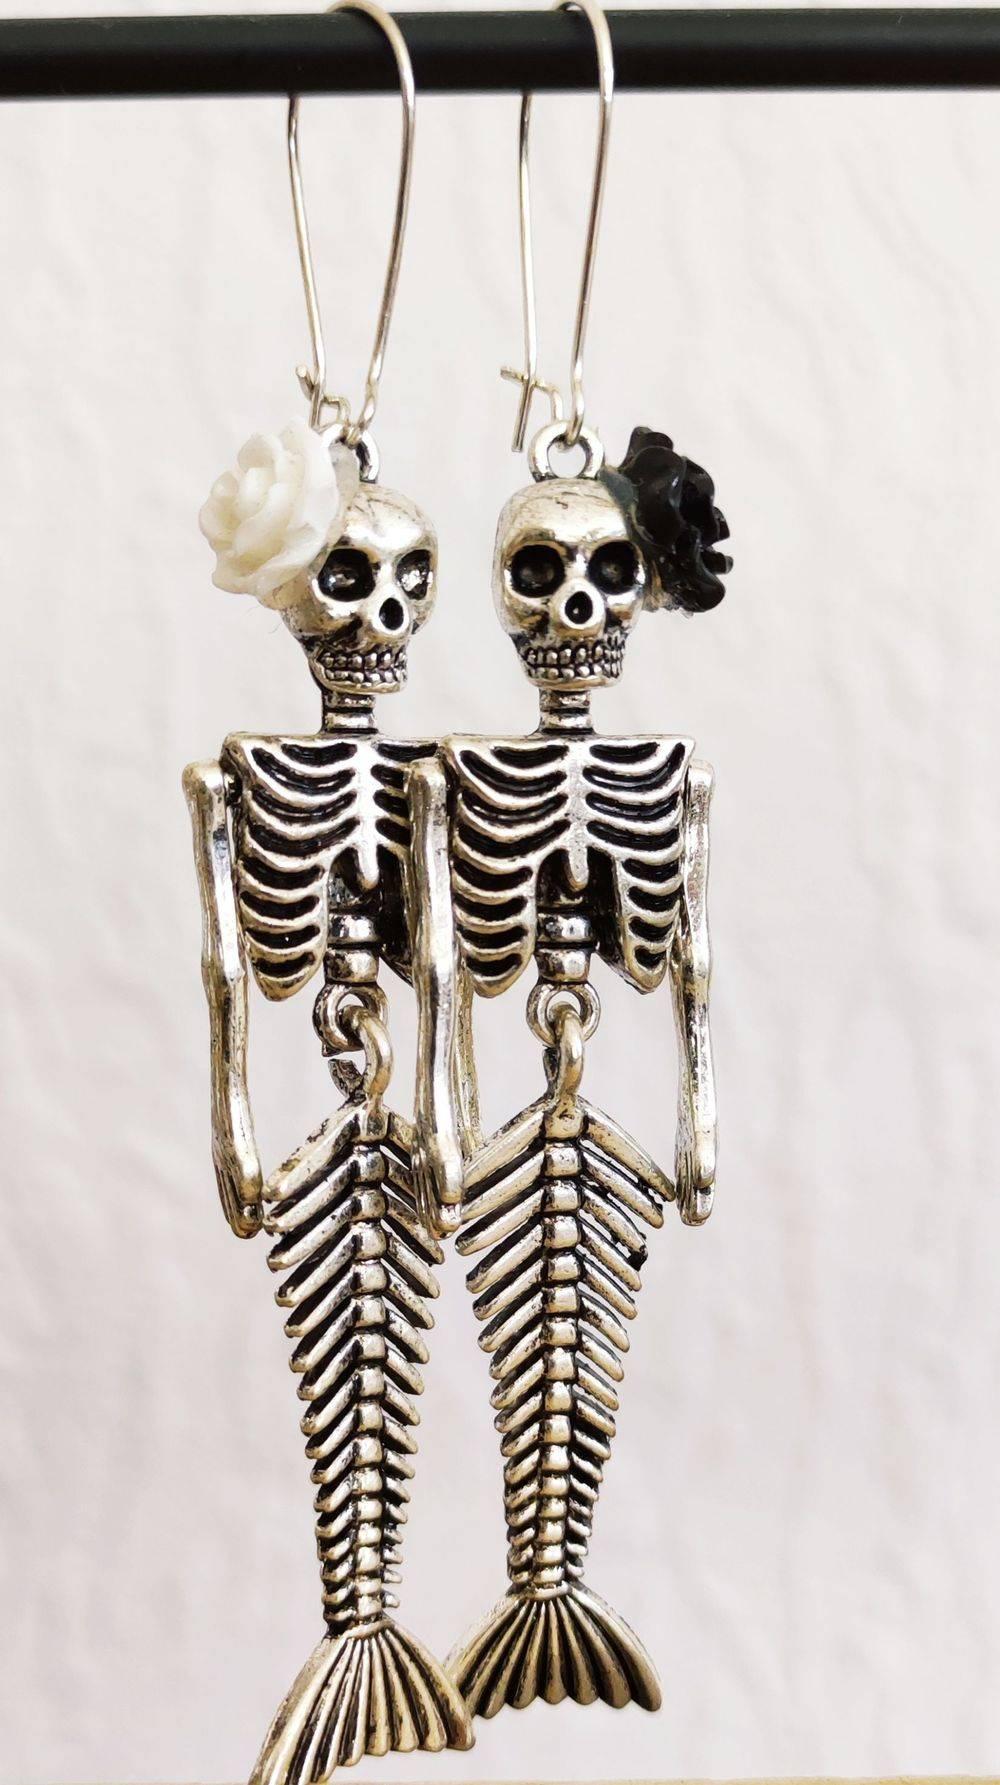 boucles d'oreilles tête de mort, boucles d'oreilles darkmermaid, darkmermaid, Skull'n'Roses, boucles d'oreilles rock, , Bijoux rock, bijoux crâne, bijoux tête de mort, bijoux Biker, bijoux rockabilly, bijoux pinup, Skull, crâne, tête de mort, bijoux artisanaux, Rock'n'Babe, rocknbabe, rocknbabeshop